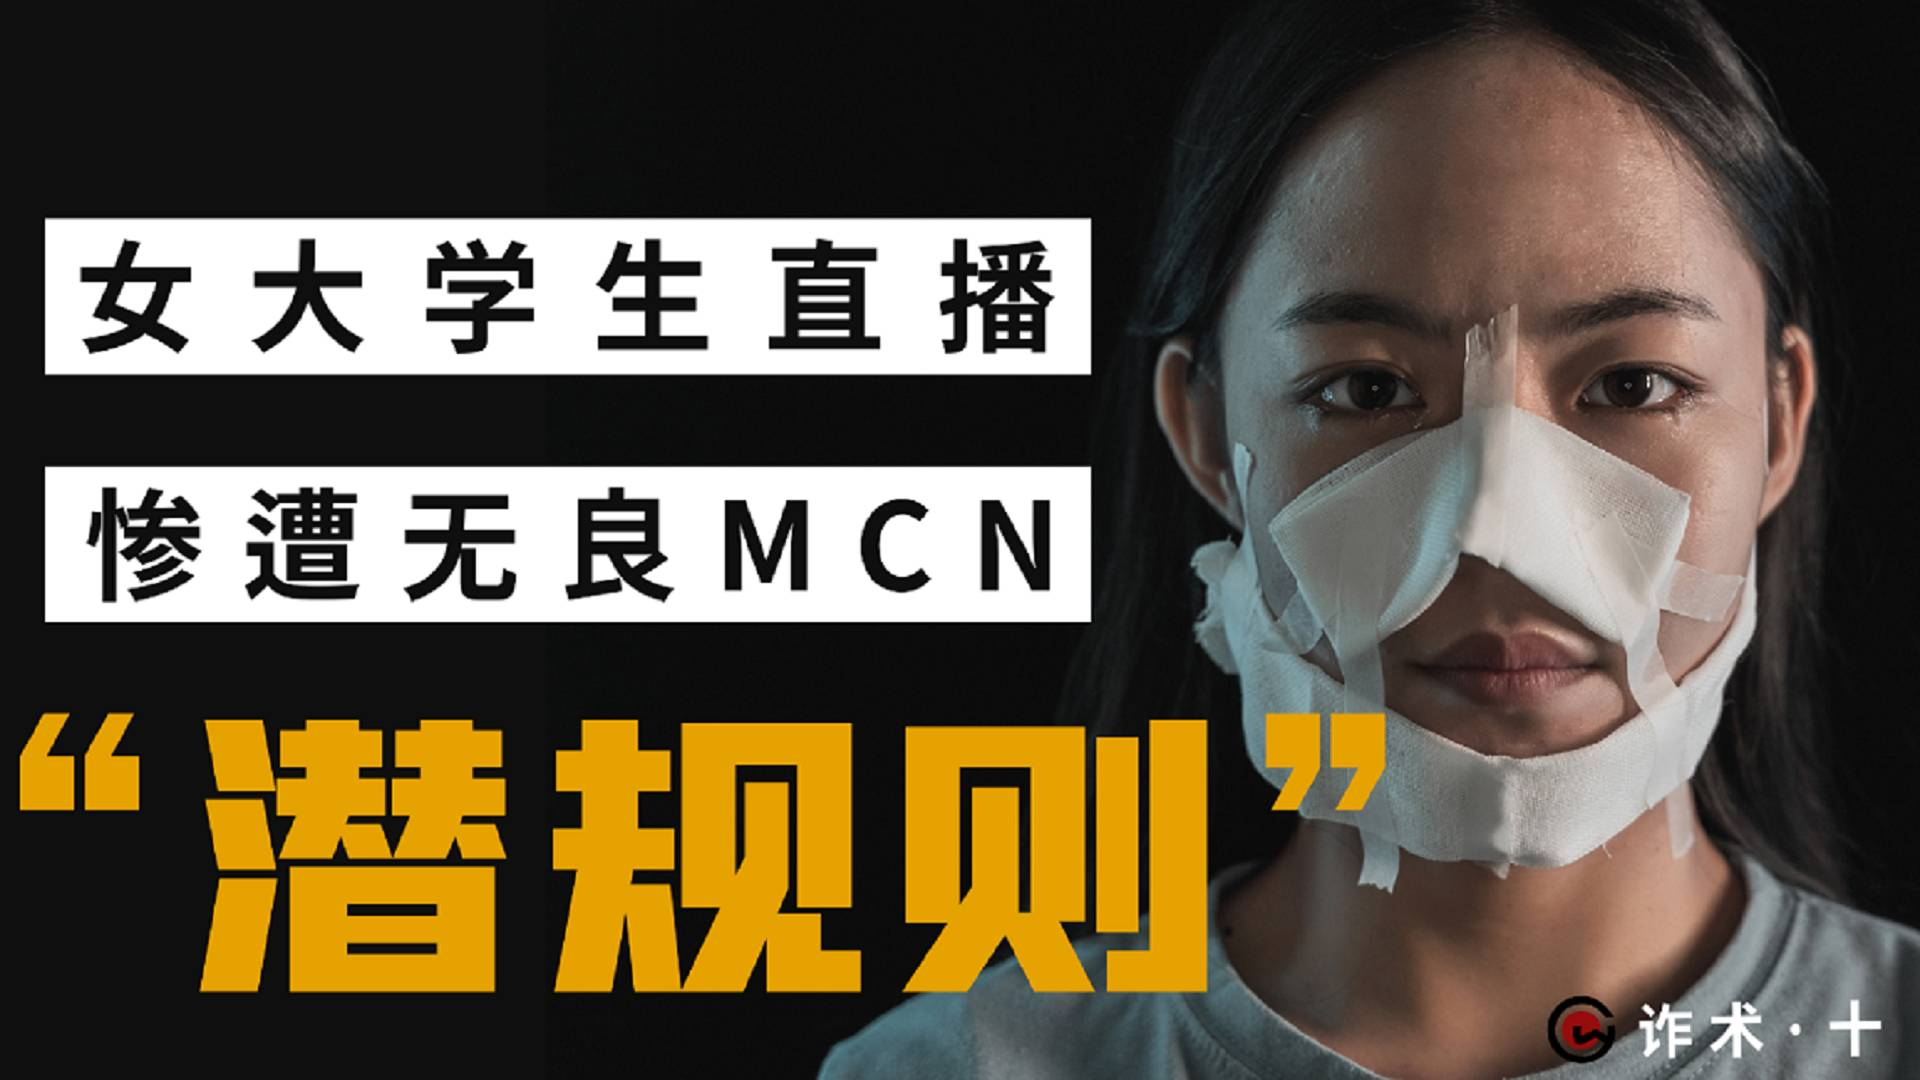 """无良MCN如何诱导主播入局,女大学生惨遭""""潜规则""""!"""